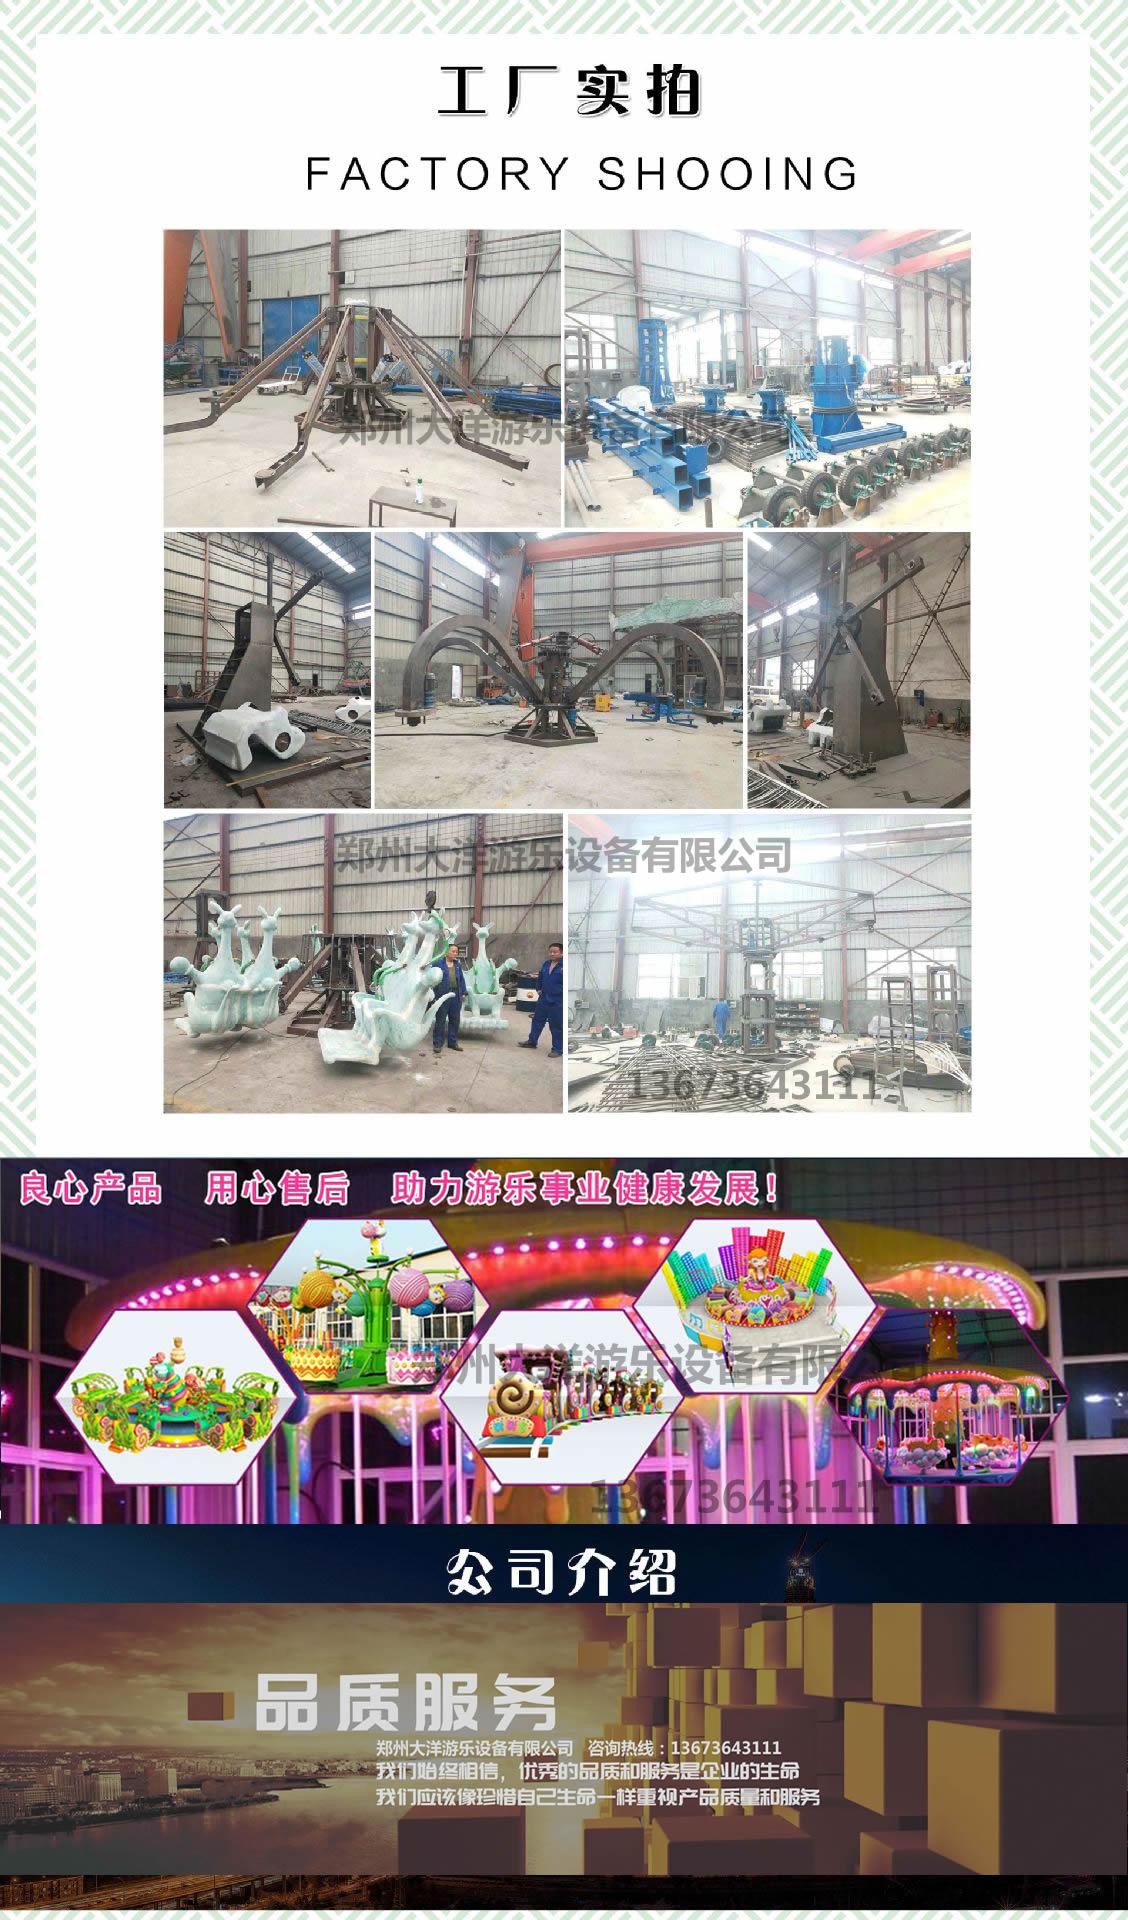 乐吧车逍遥车是广场火爆游乐项目 大洋专业定制双人逍遥车儿童游乐就在郑州大洋游乐设备示例图18